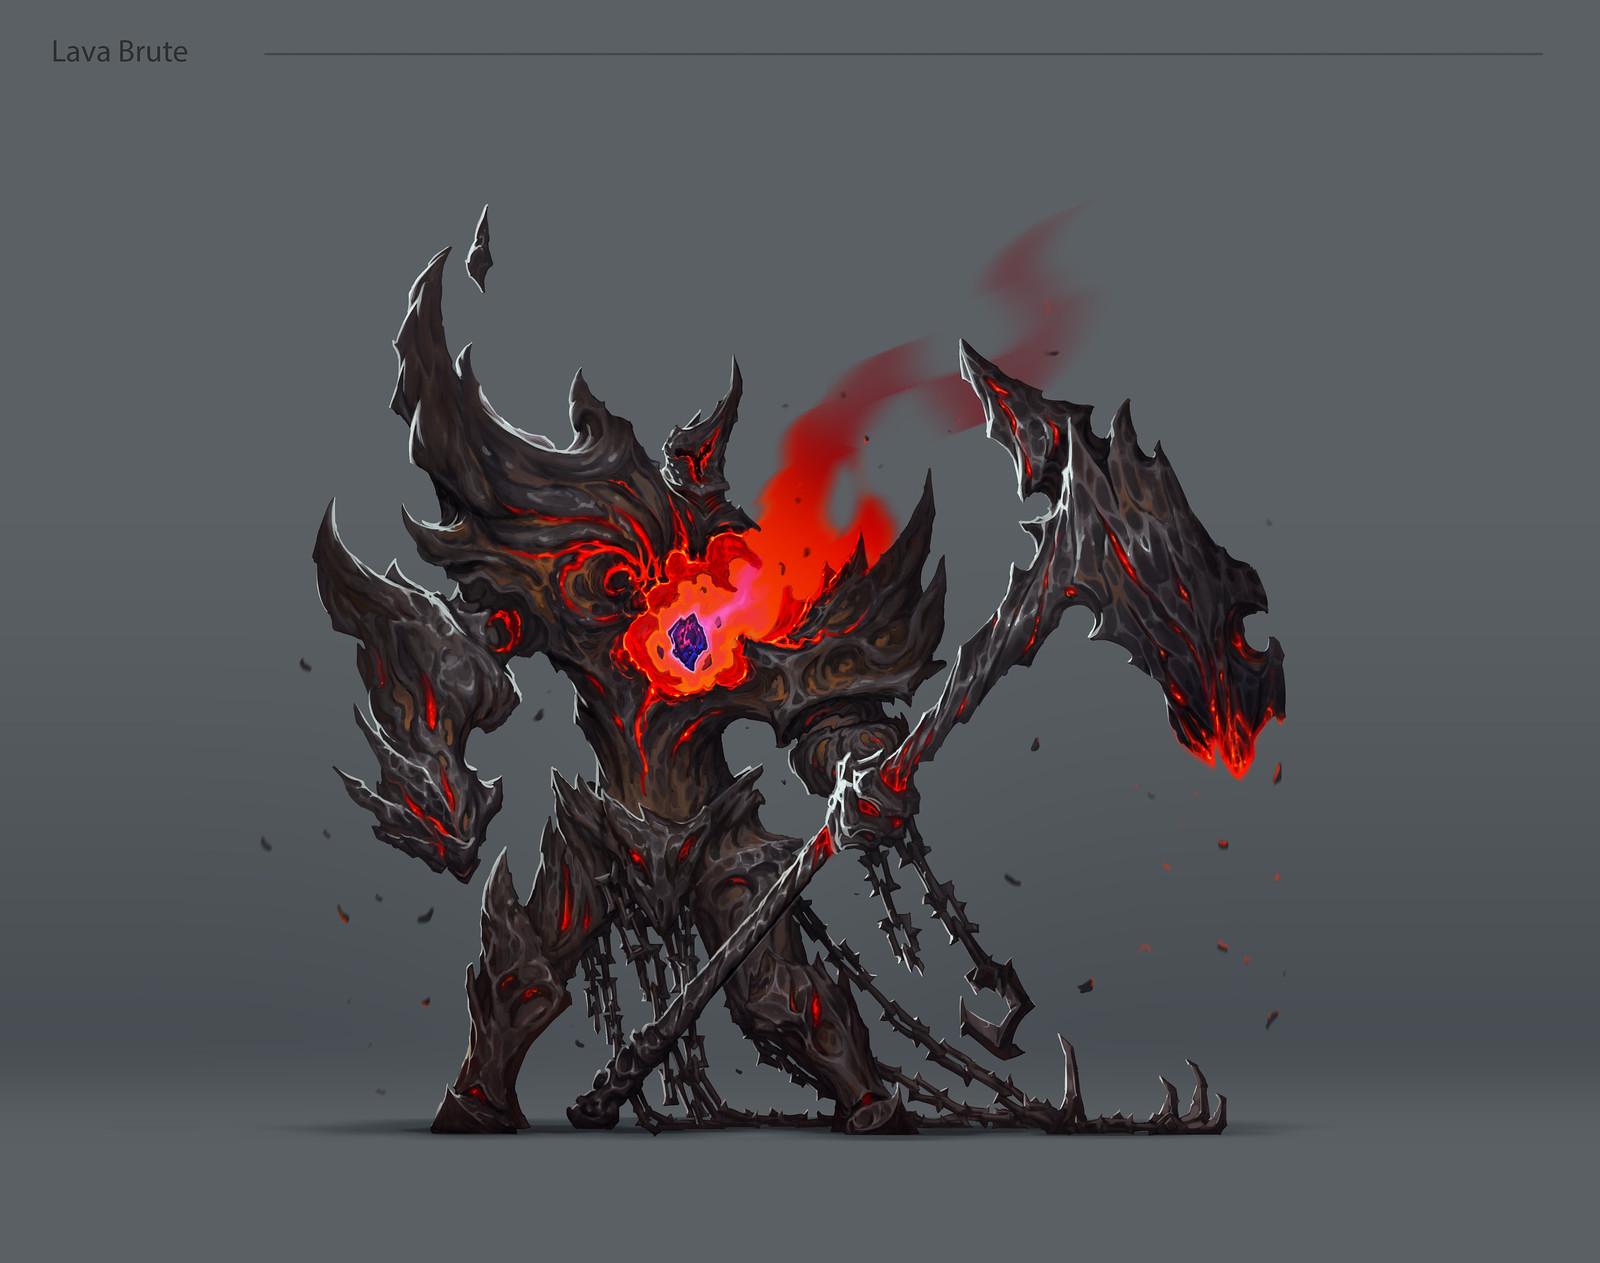 45237662904 d841efe804 h - Feiert mit uns den morgigen Release von Darksiders III auf PS4 mit diesen atemberaubenden Konzeptbildern